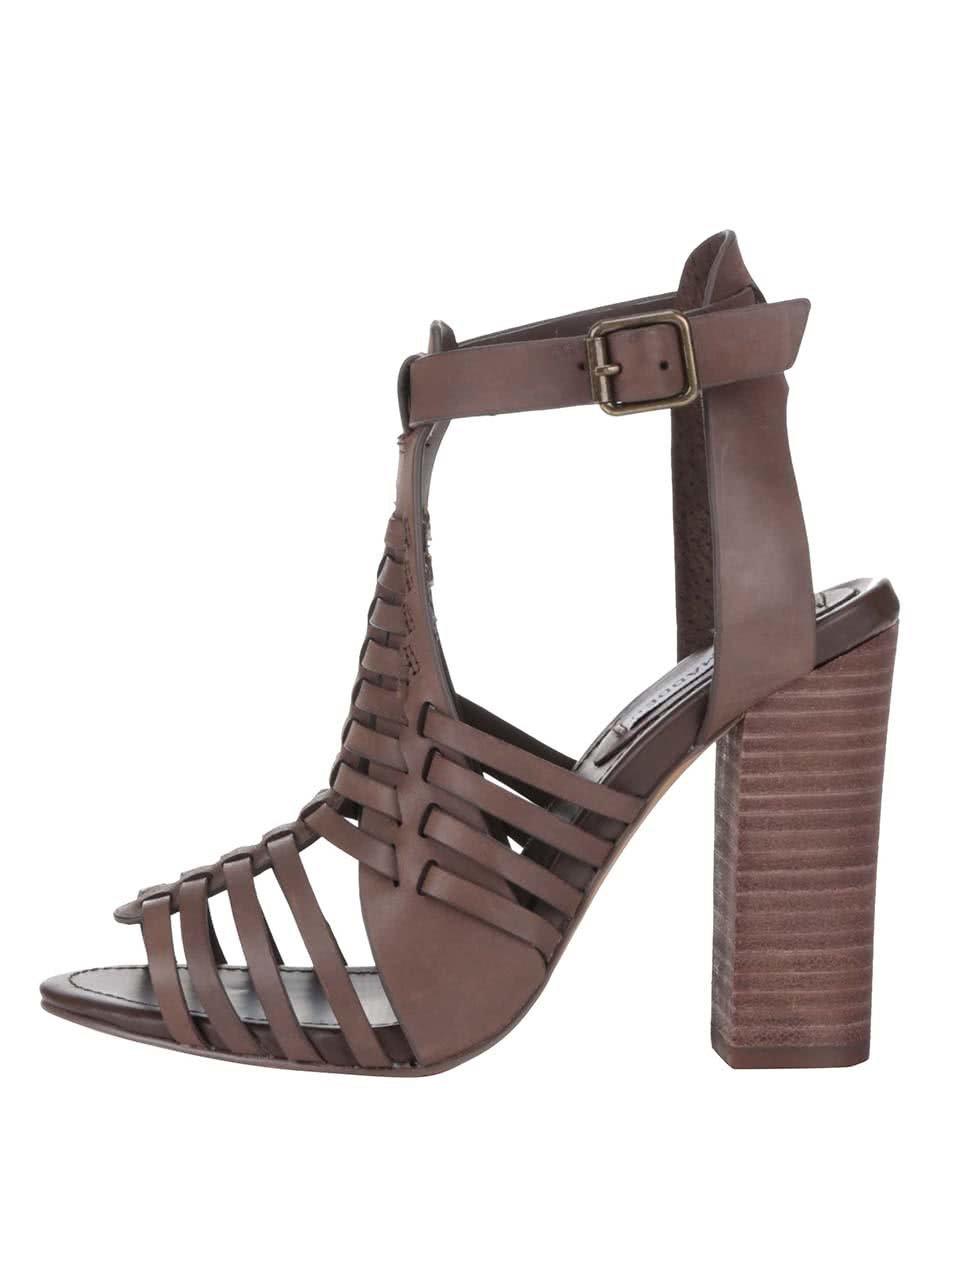 Hnědé kožené dámské sandálky na podpatku Steve Madden